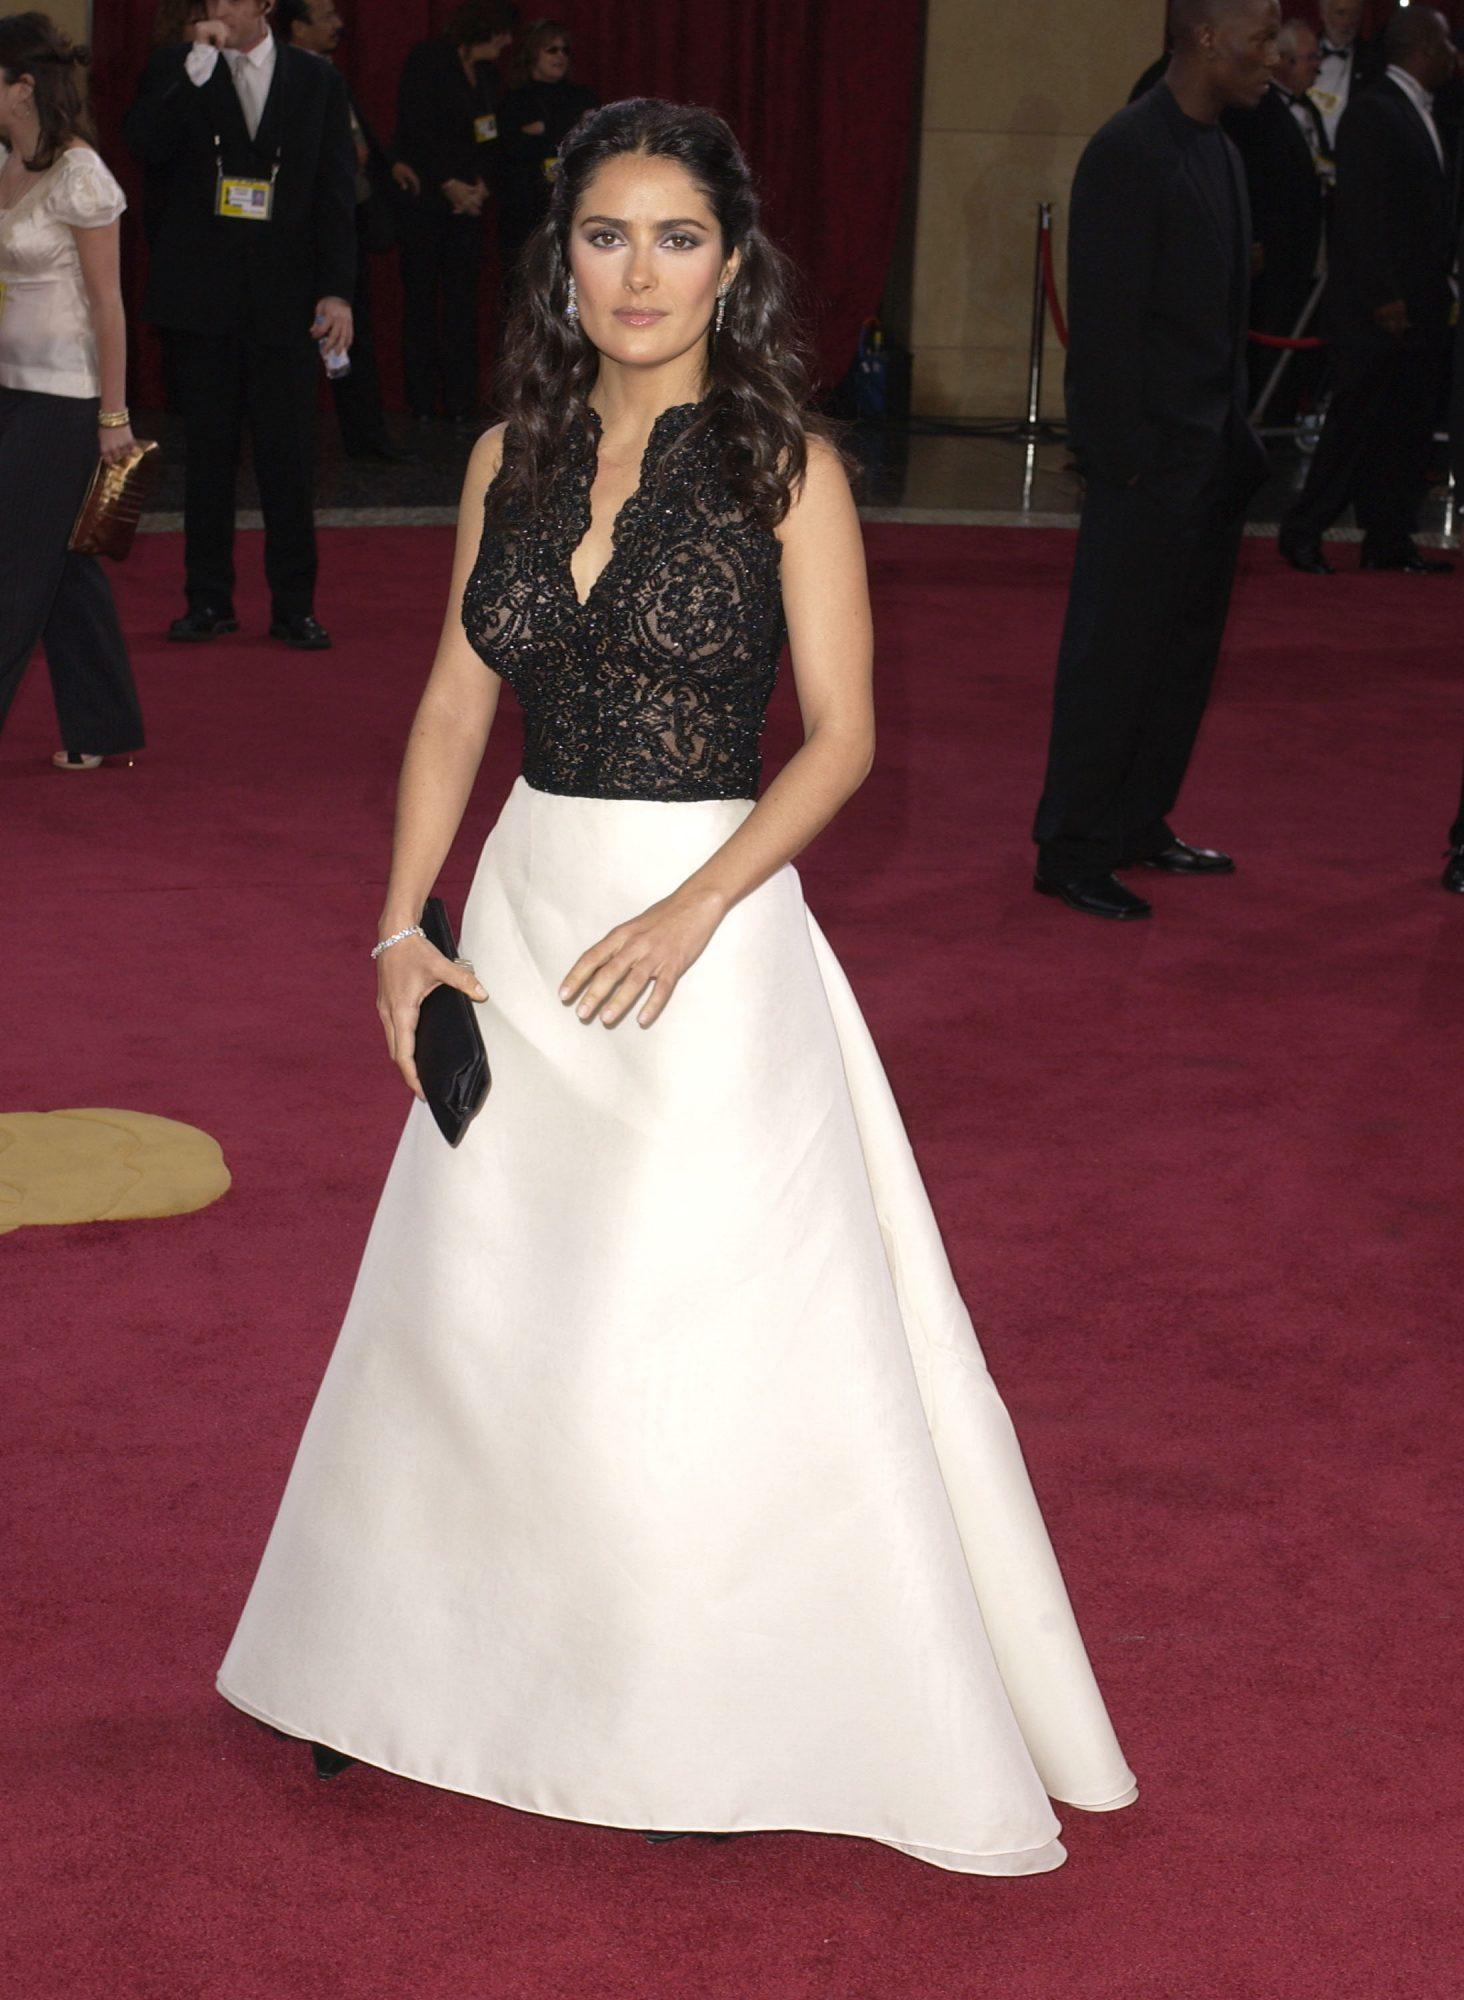 Salma Hayek, premios oscar 2003, vestido